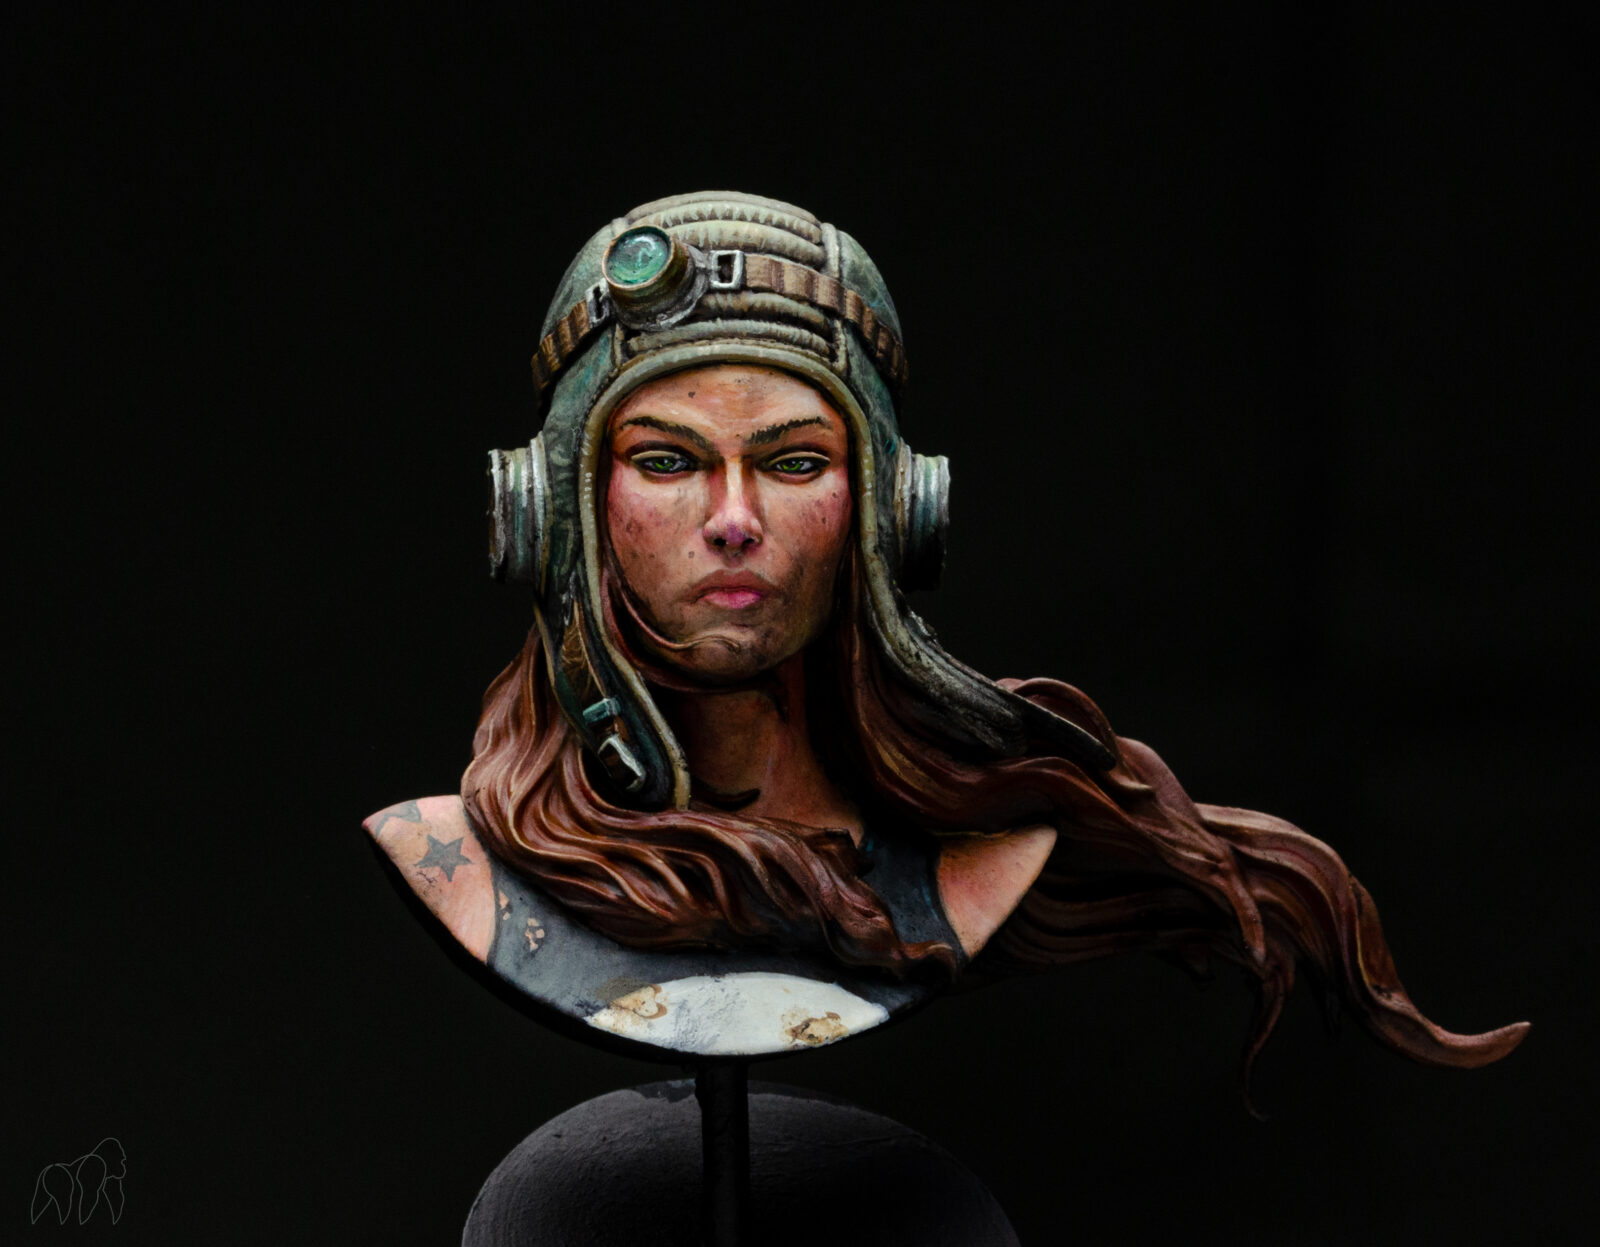 Roadgirl15